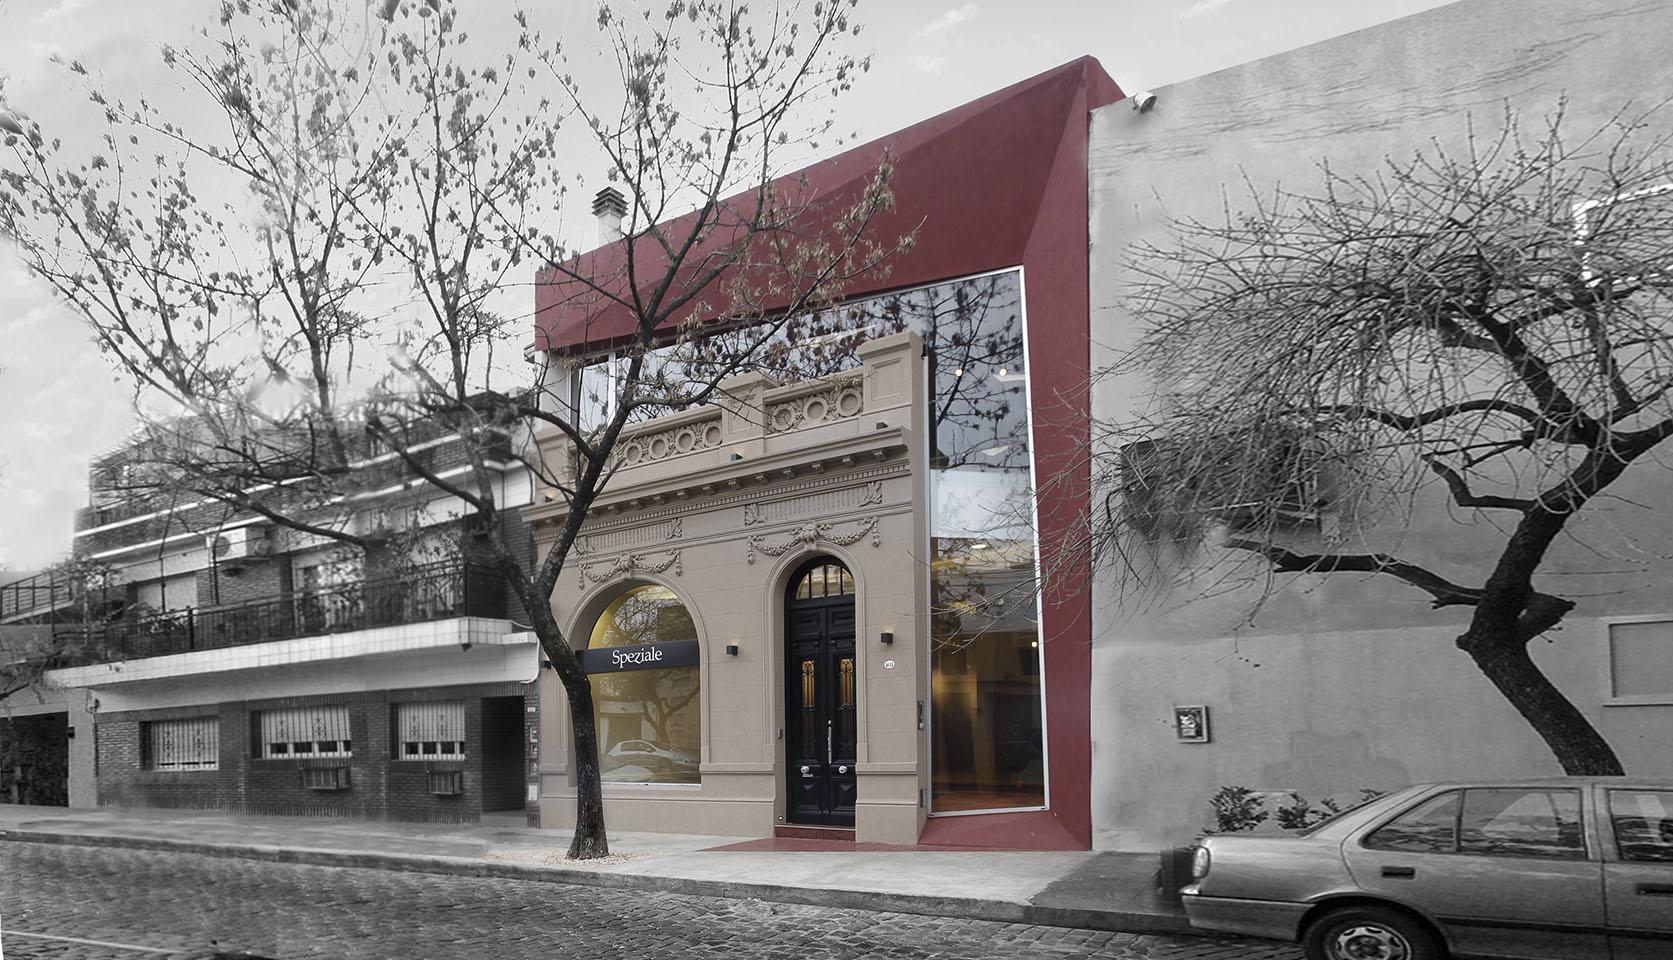 Plegados arquitectónicos, diseño de fachadas modernas en locales, diseño de locales